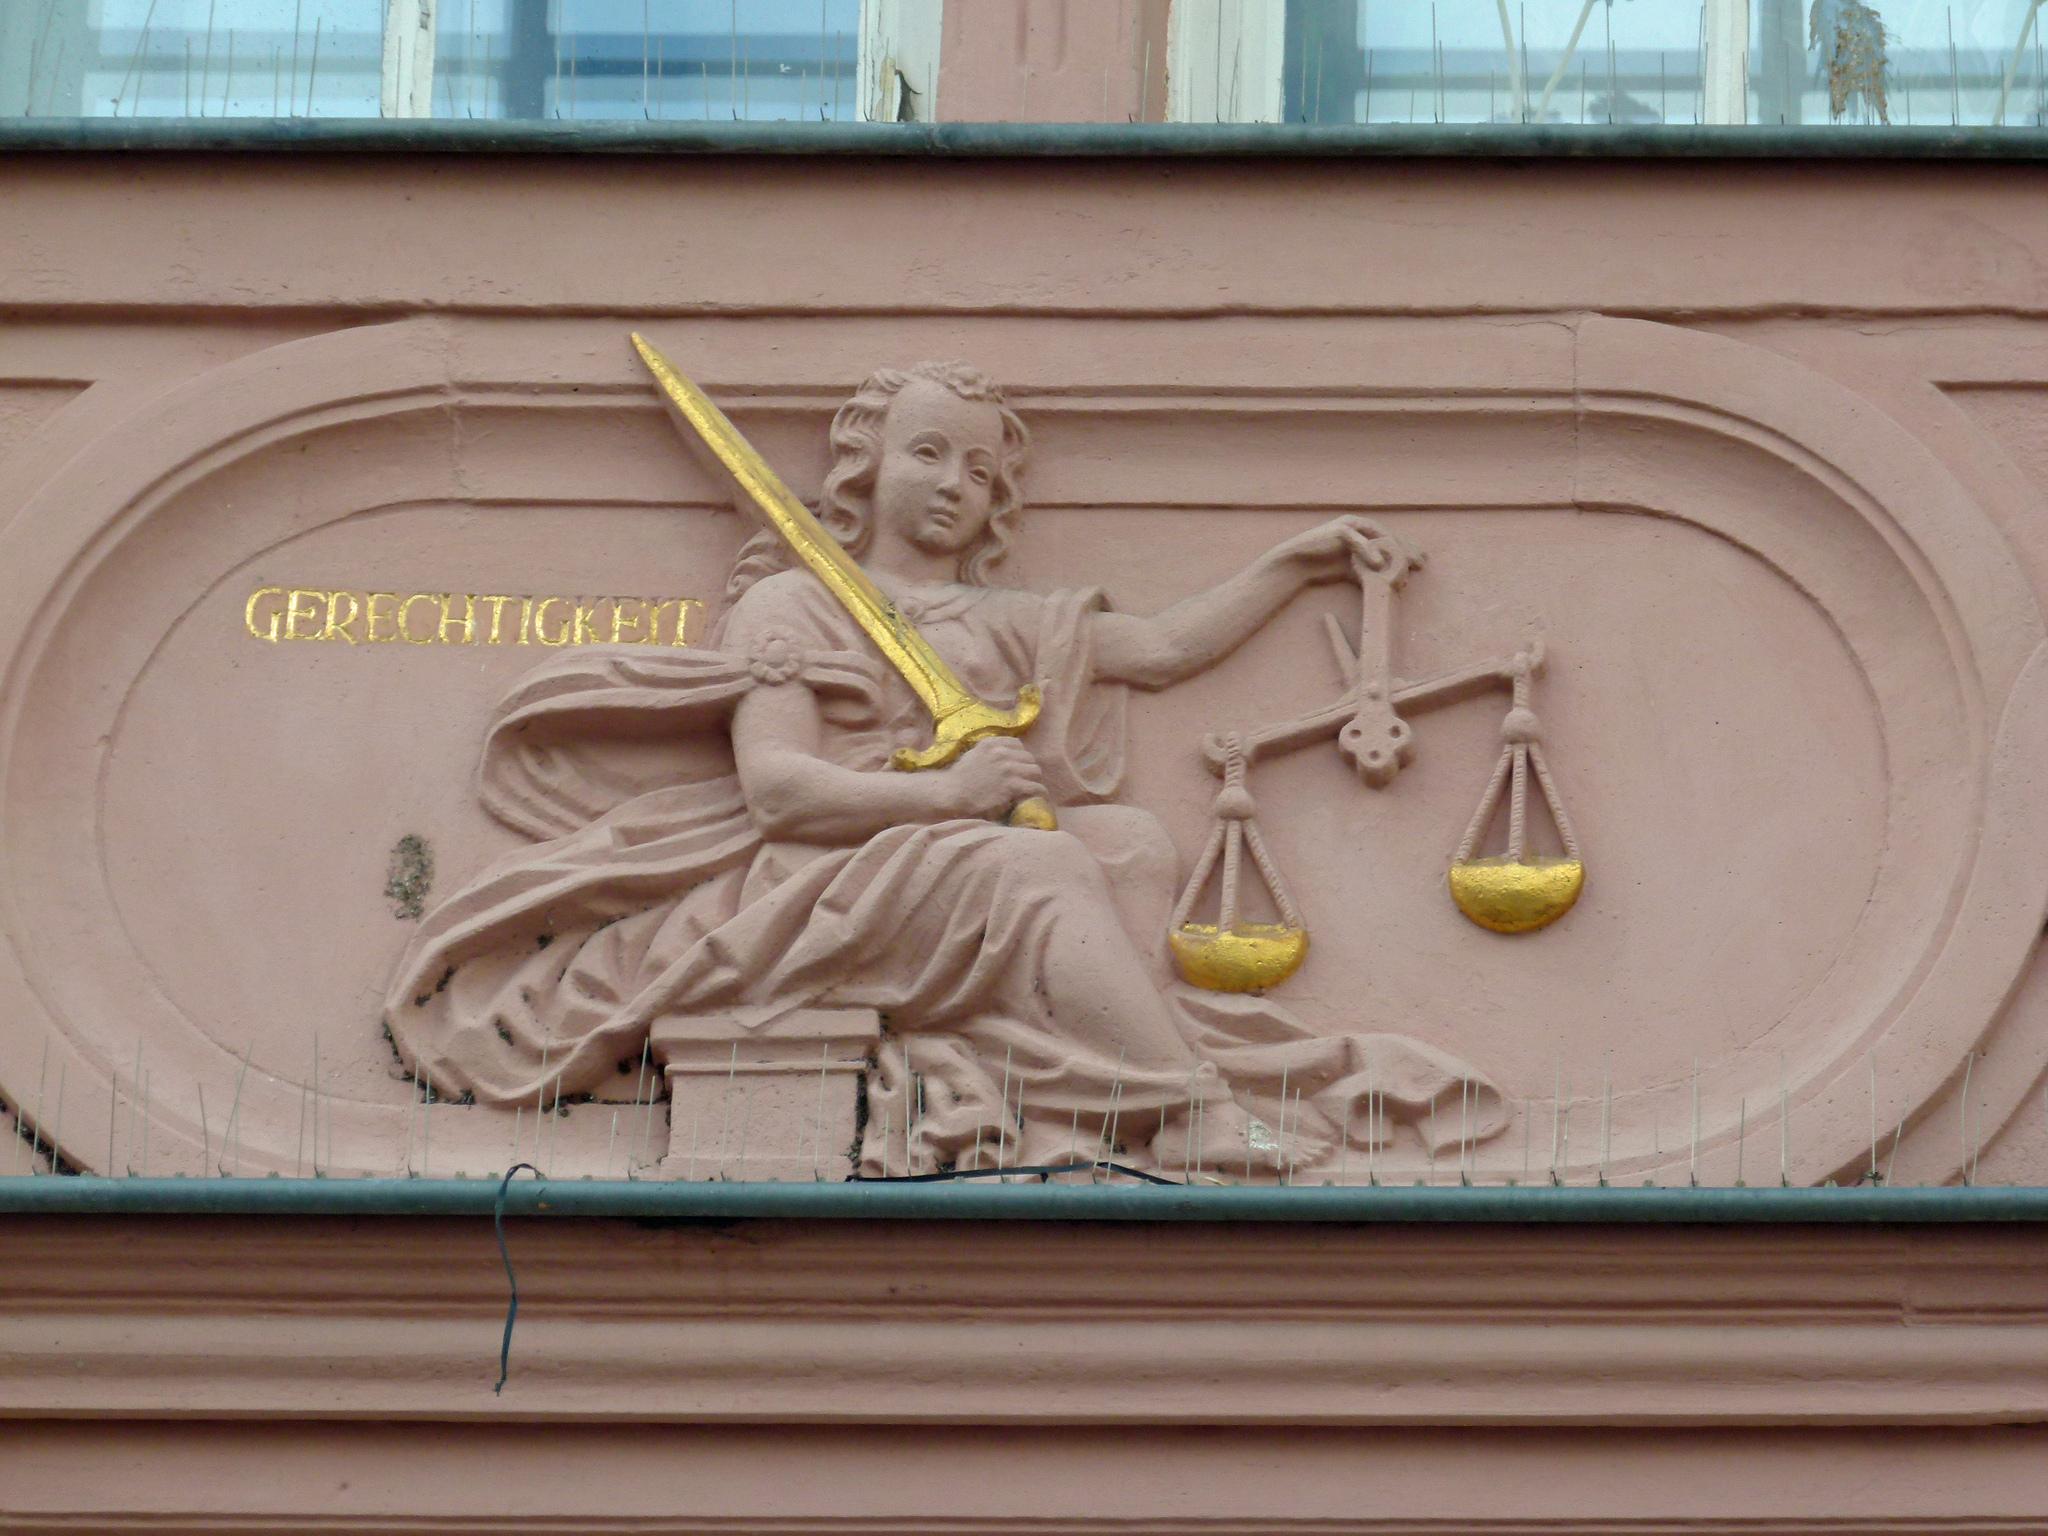 Justizia, Symbol Gerechtigkeit Recht